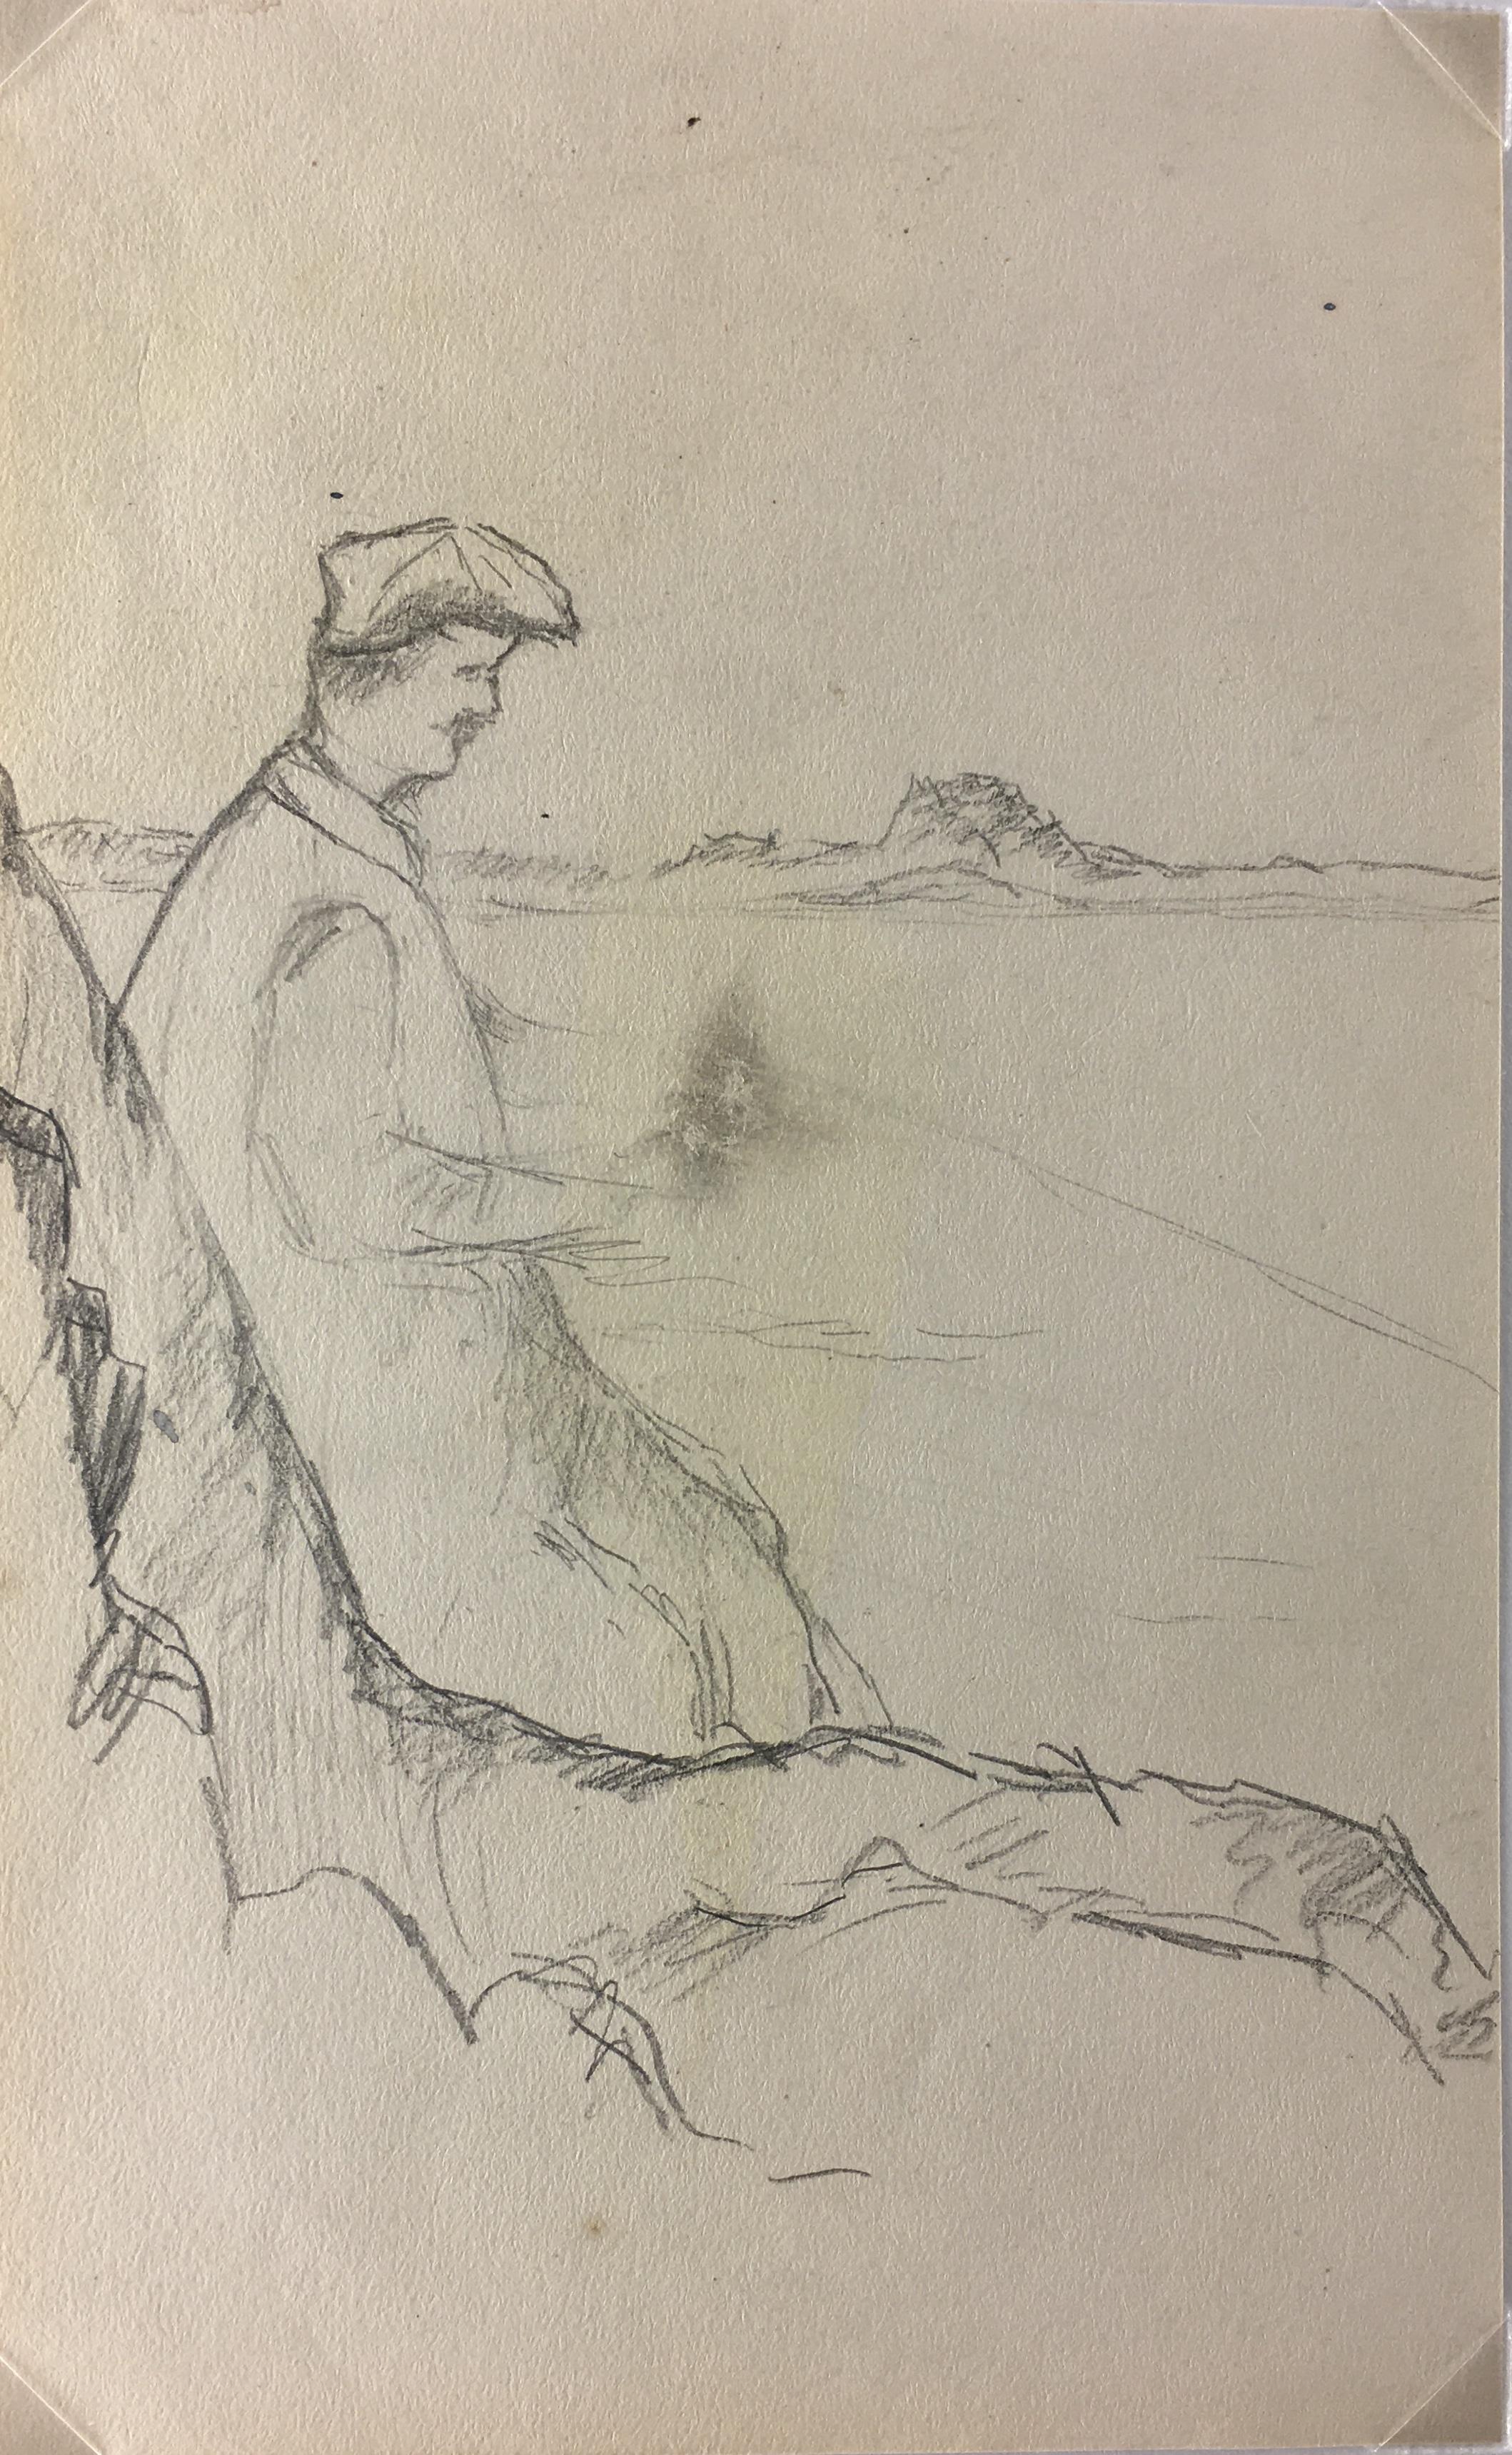 Animals Fish & Fishing Original Art - Fishermen, G. Jessing, c.1920